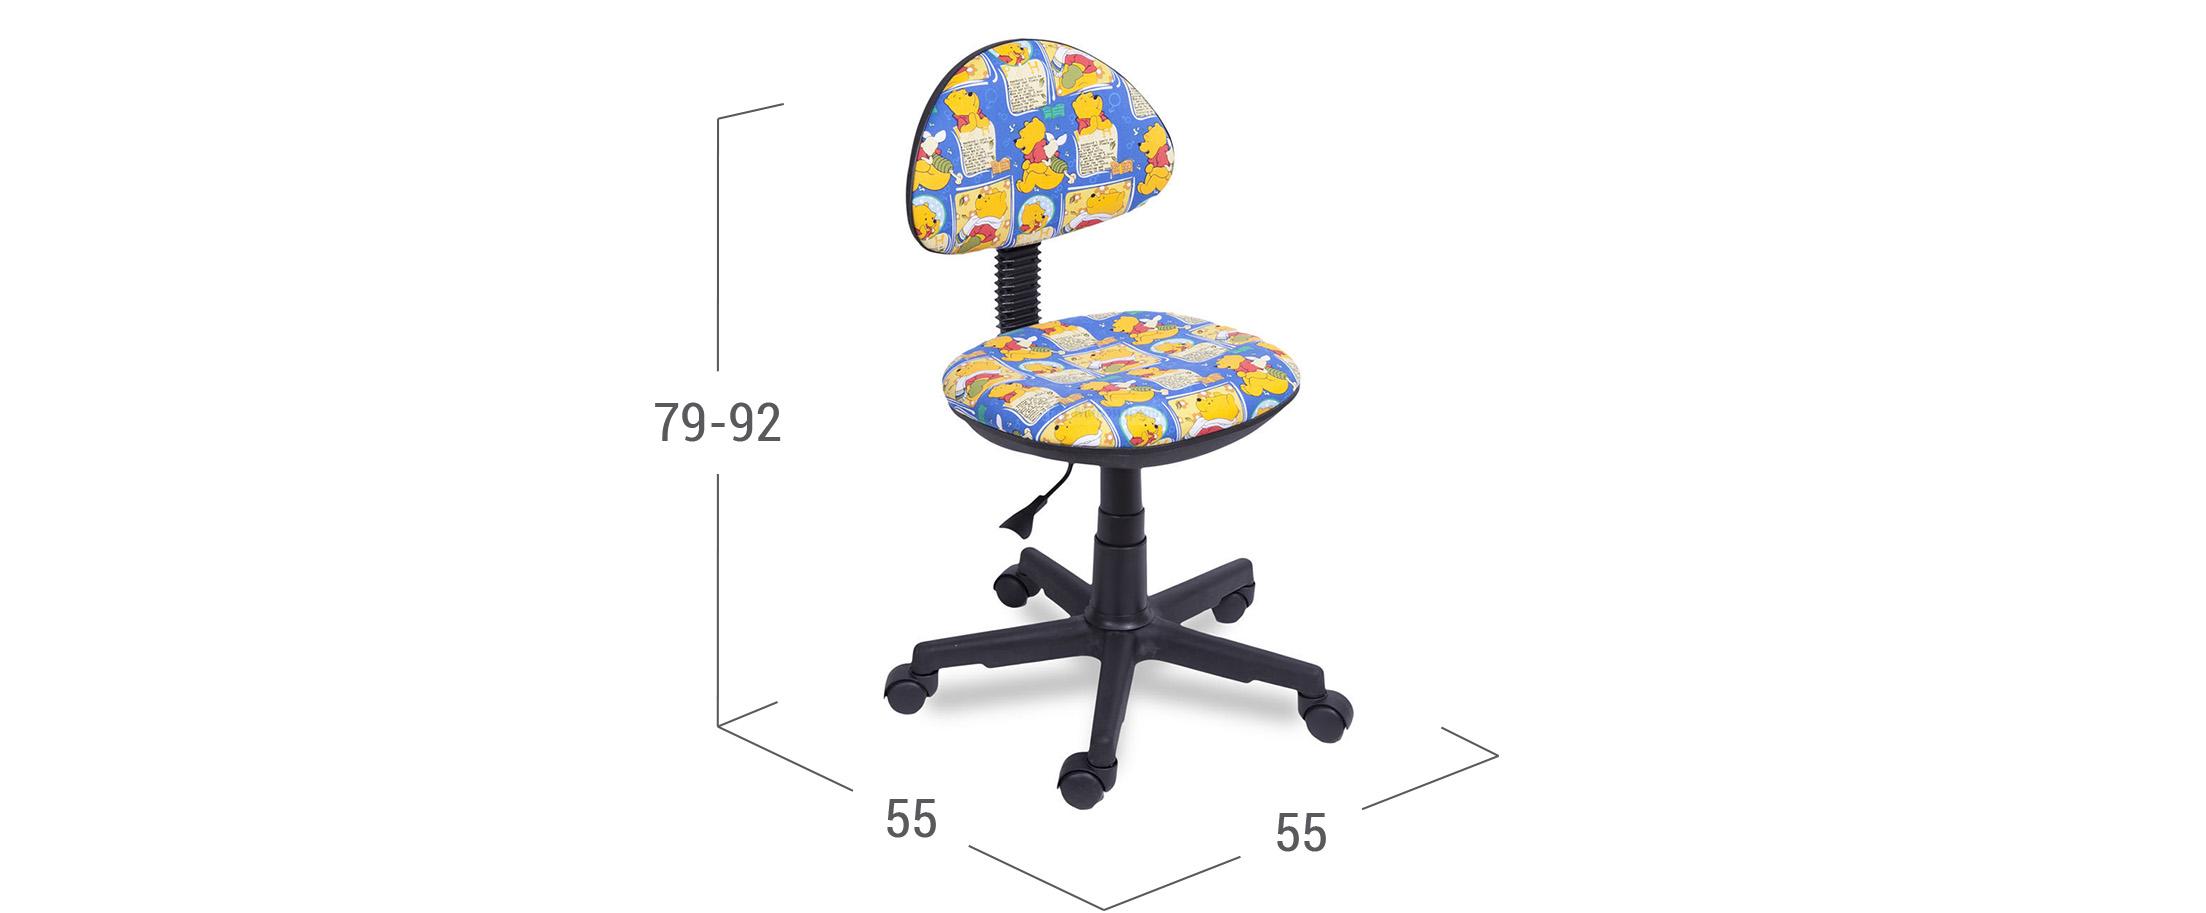 Кресло детское Star multicolor модель 376<br><br>Ширина см: 55<br>Глубина см: 55<br>Высота см: 79<br>Максимальная нагрузка : 80<br>Глубина посадочного места см: 37<br>Цвет: Разноцветный<br>Материал каркаса: Пластик